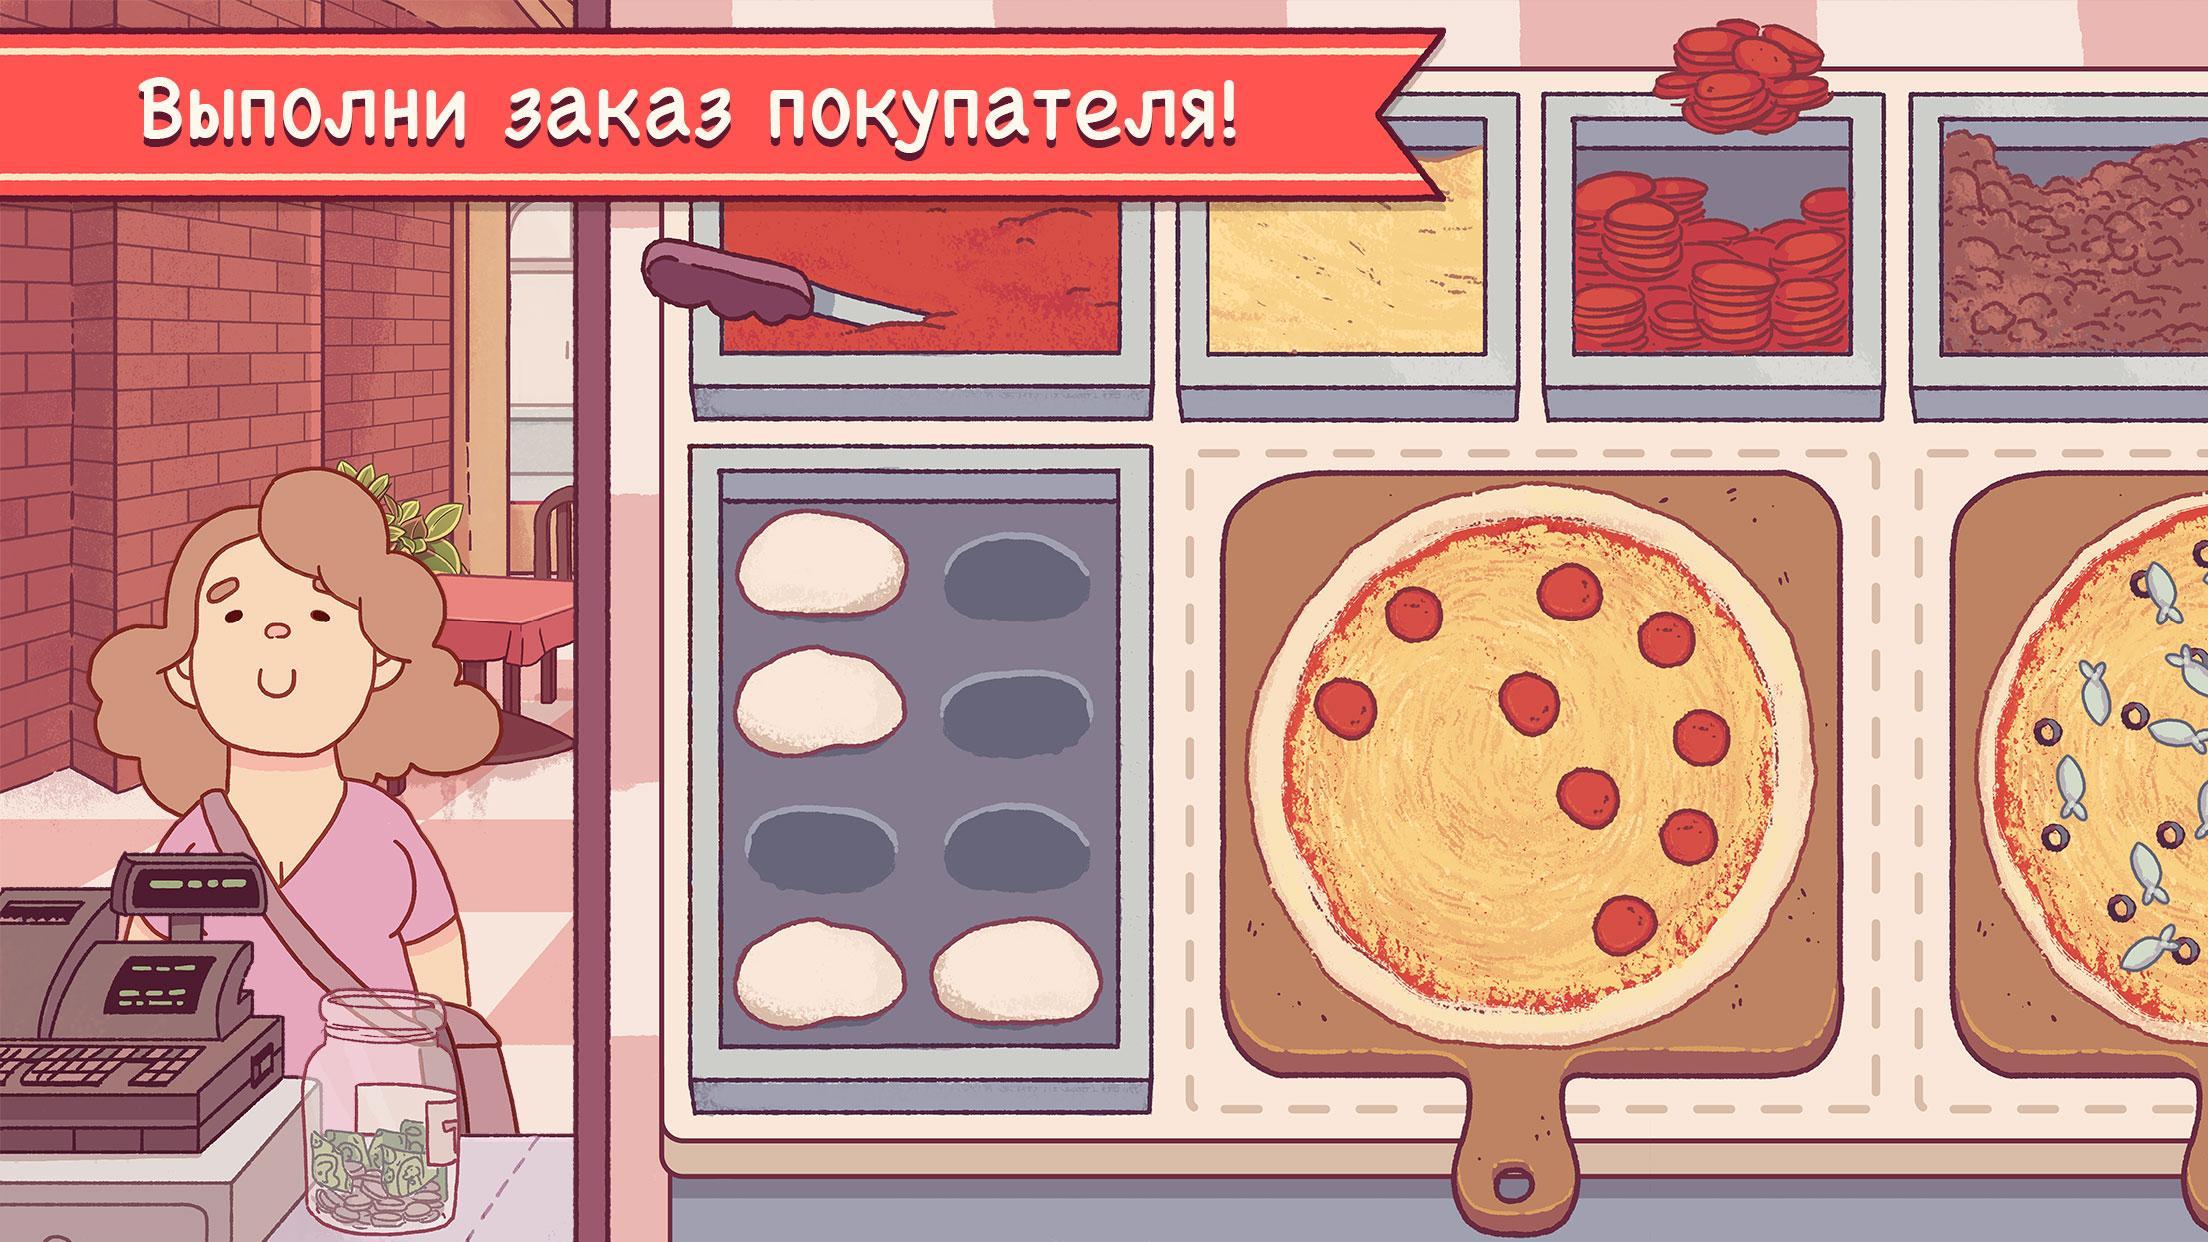 Хорошая пицца, Отличная пицца 2.3.2 для Android